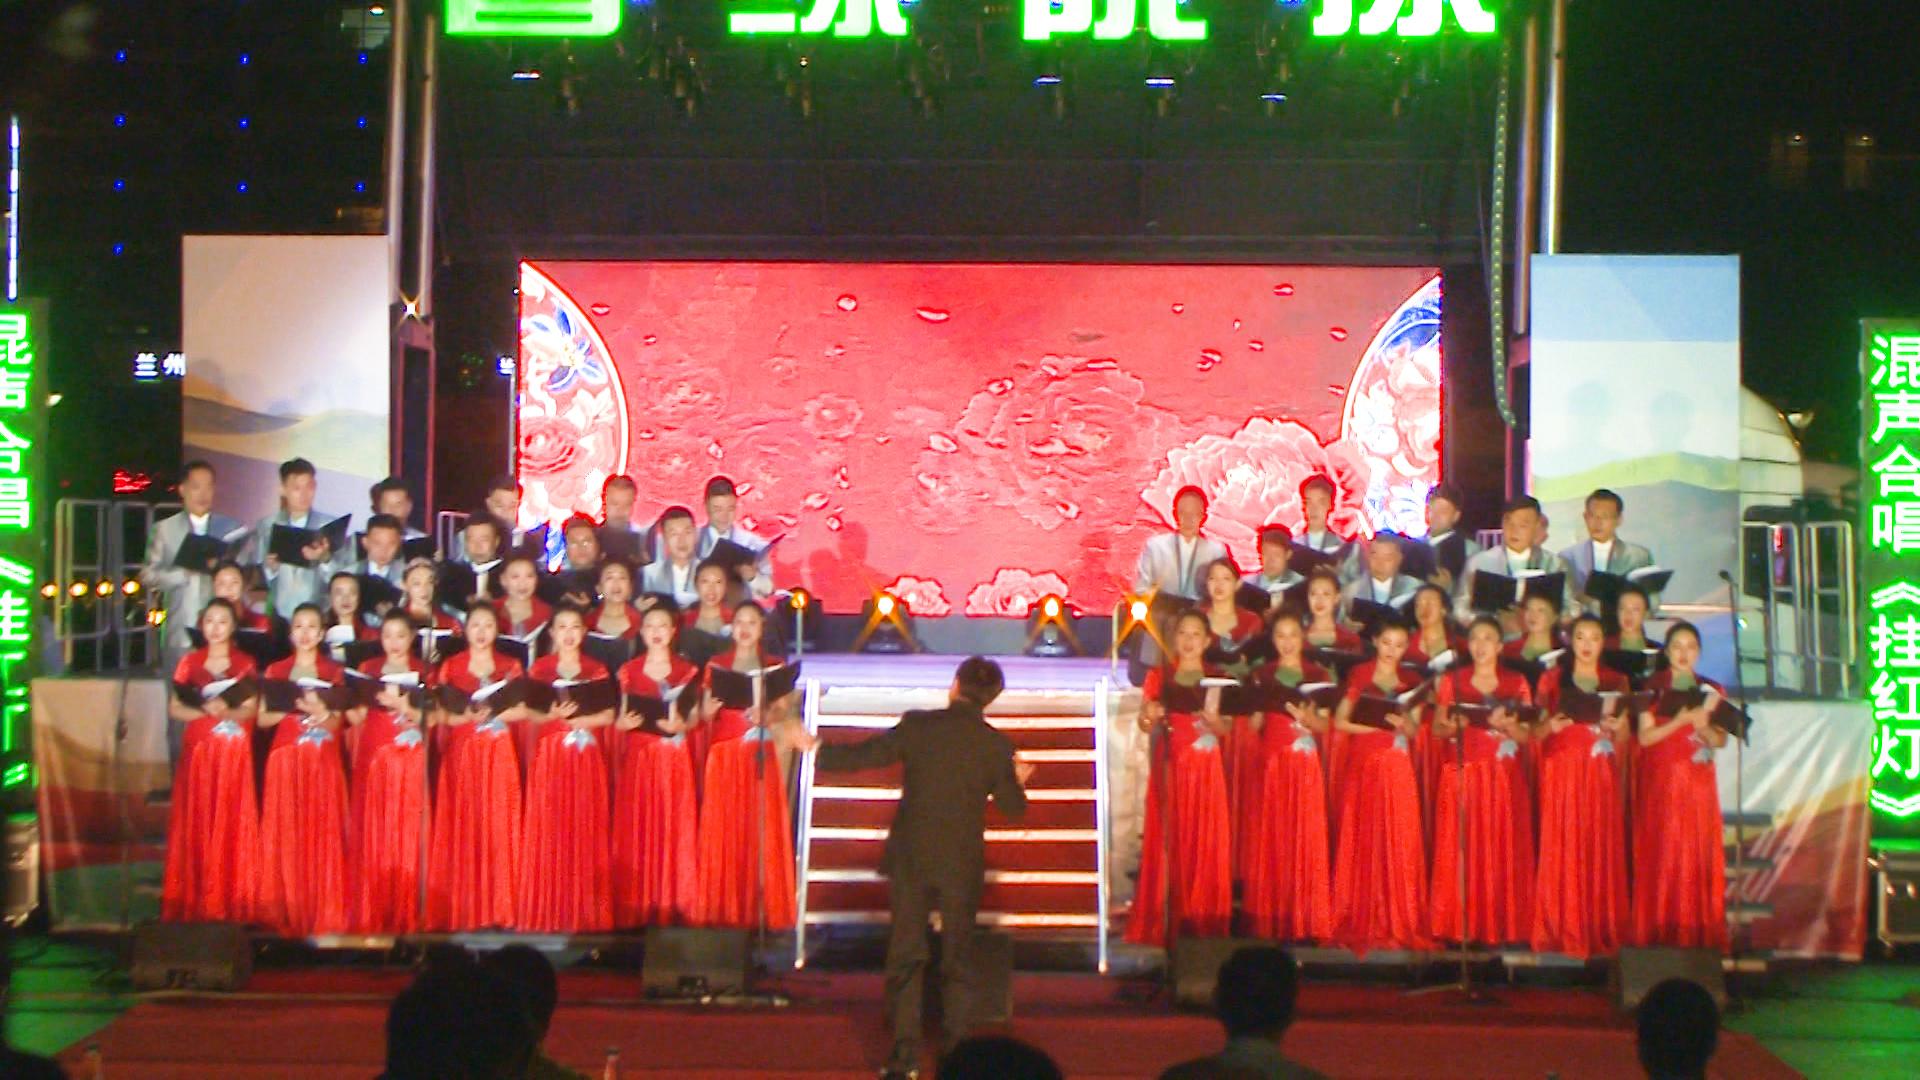 陕北民歌《挂红灯》歌声飘荡在黄河两岸的夜空之中